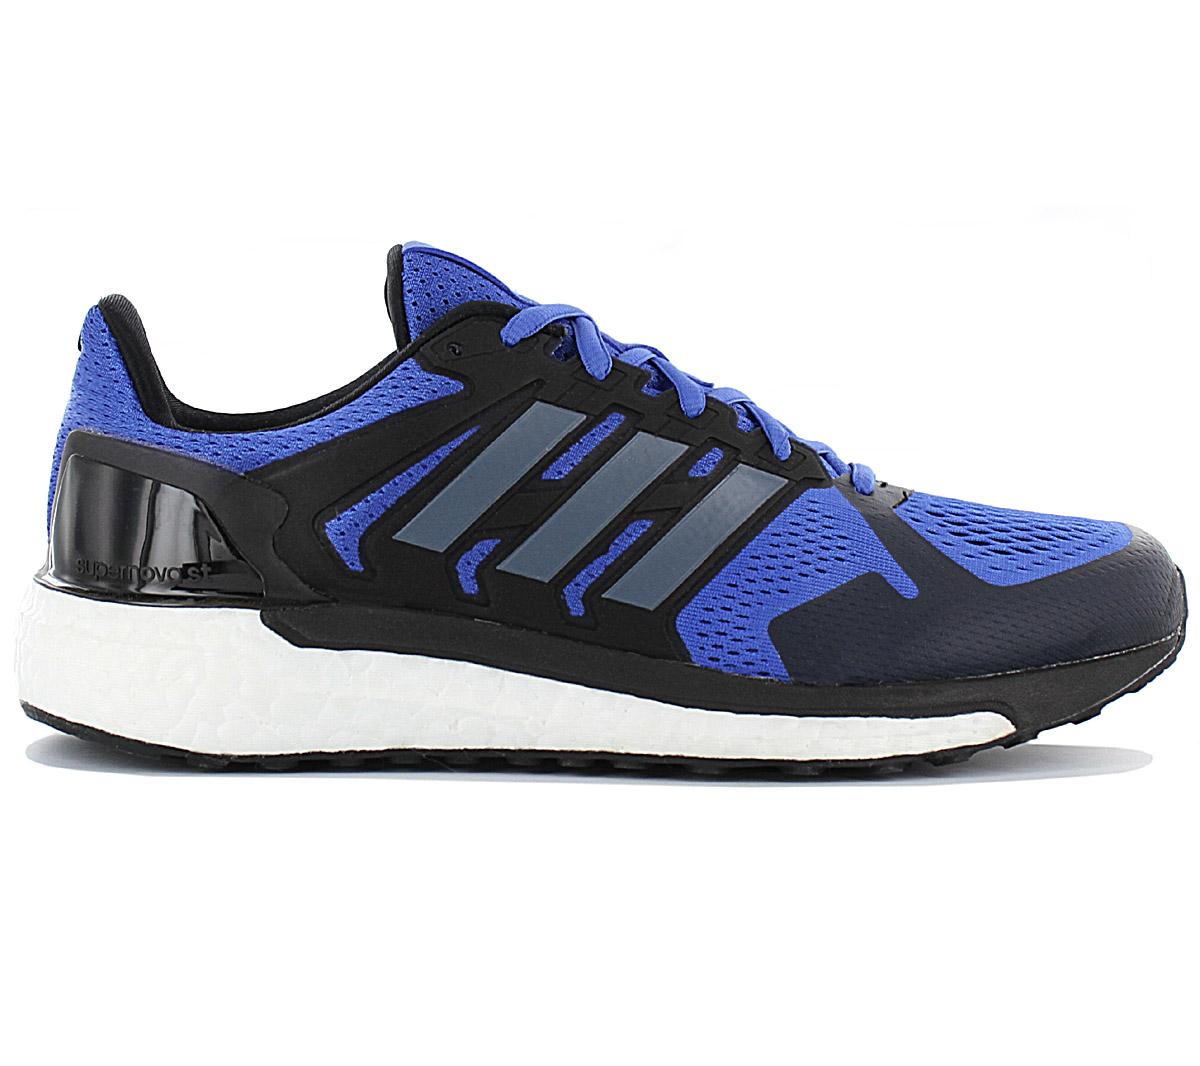 Zapatillas Running Adidas Boost 2.0 Hombre i vt 5 Rabatt